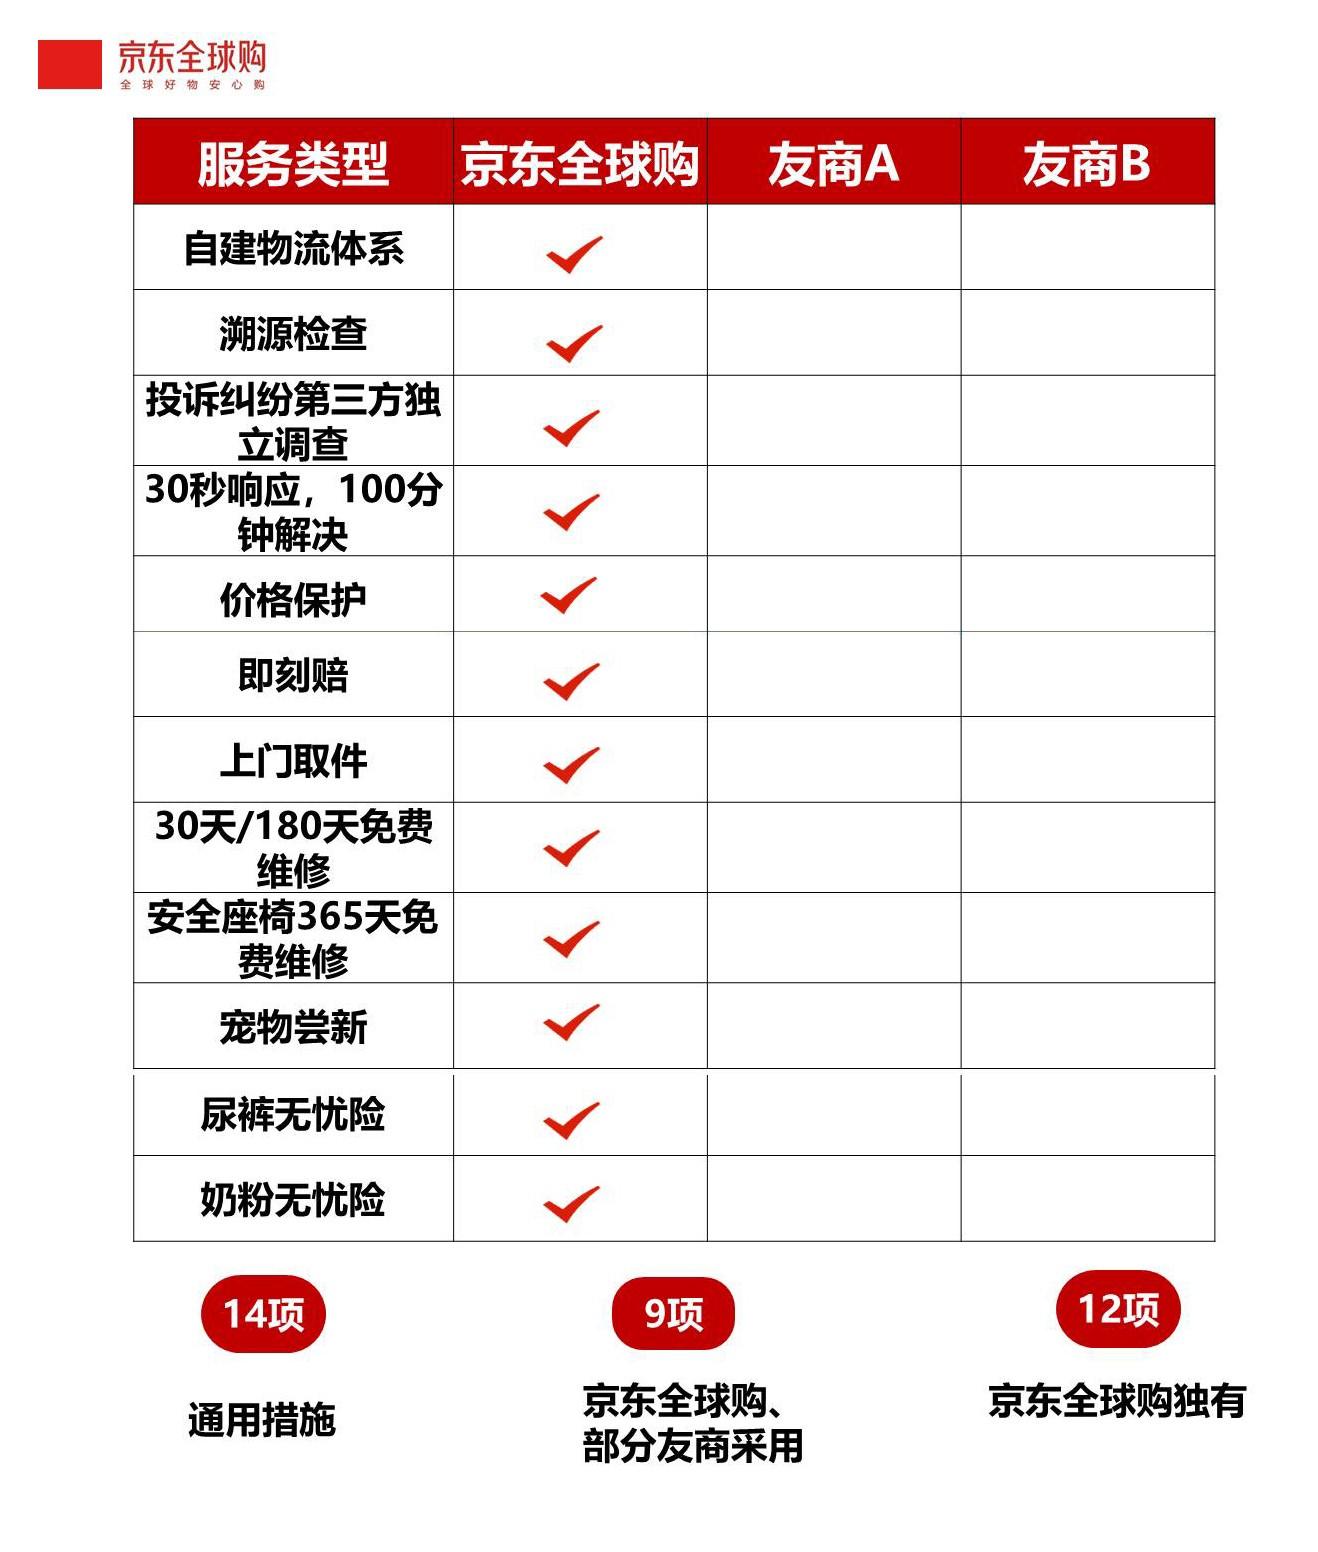 跨境电商硝烟再起 京东全球购35项举措围剿海淘痛点